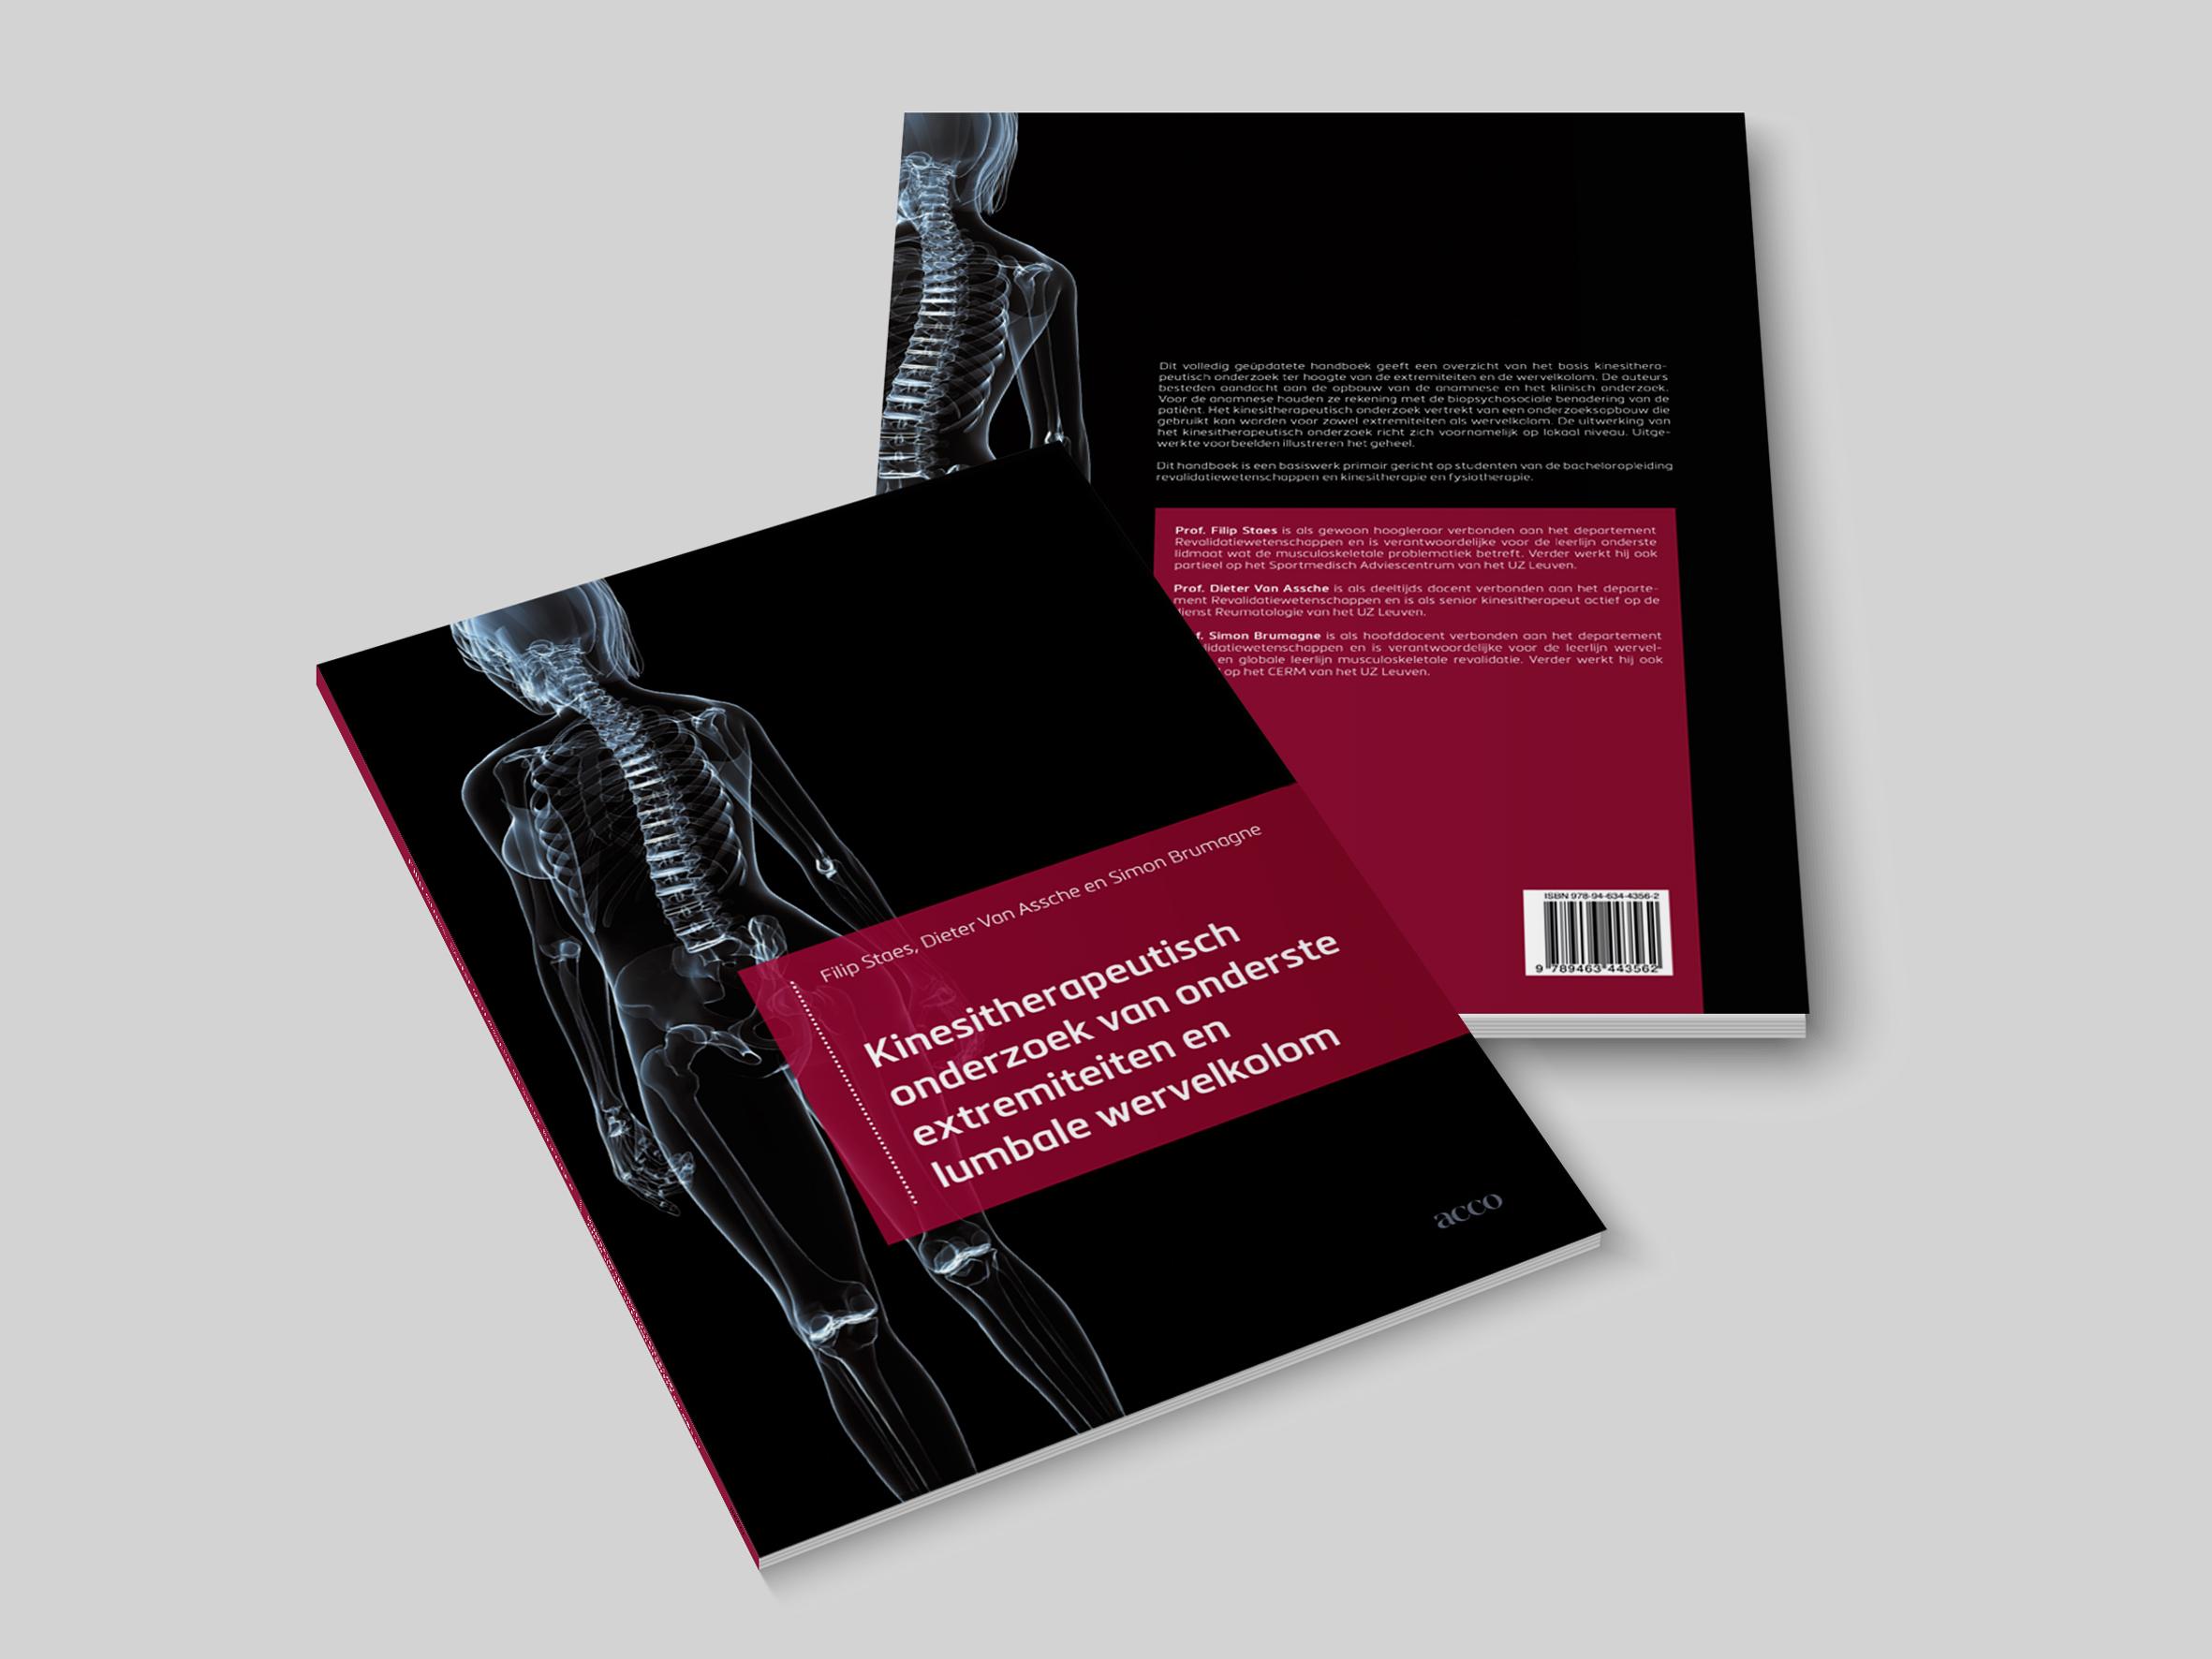 Kinesitheapeutisch onderzoek van ondertse extremiteiten en lumbale wervelkolom